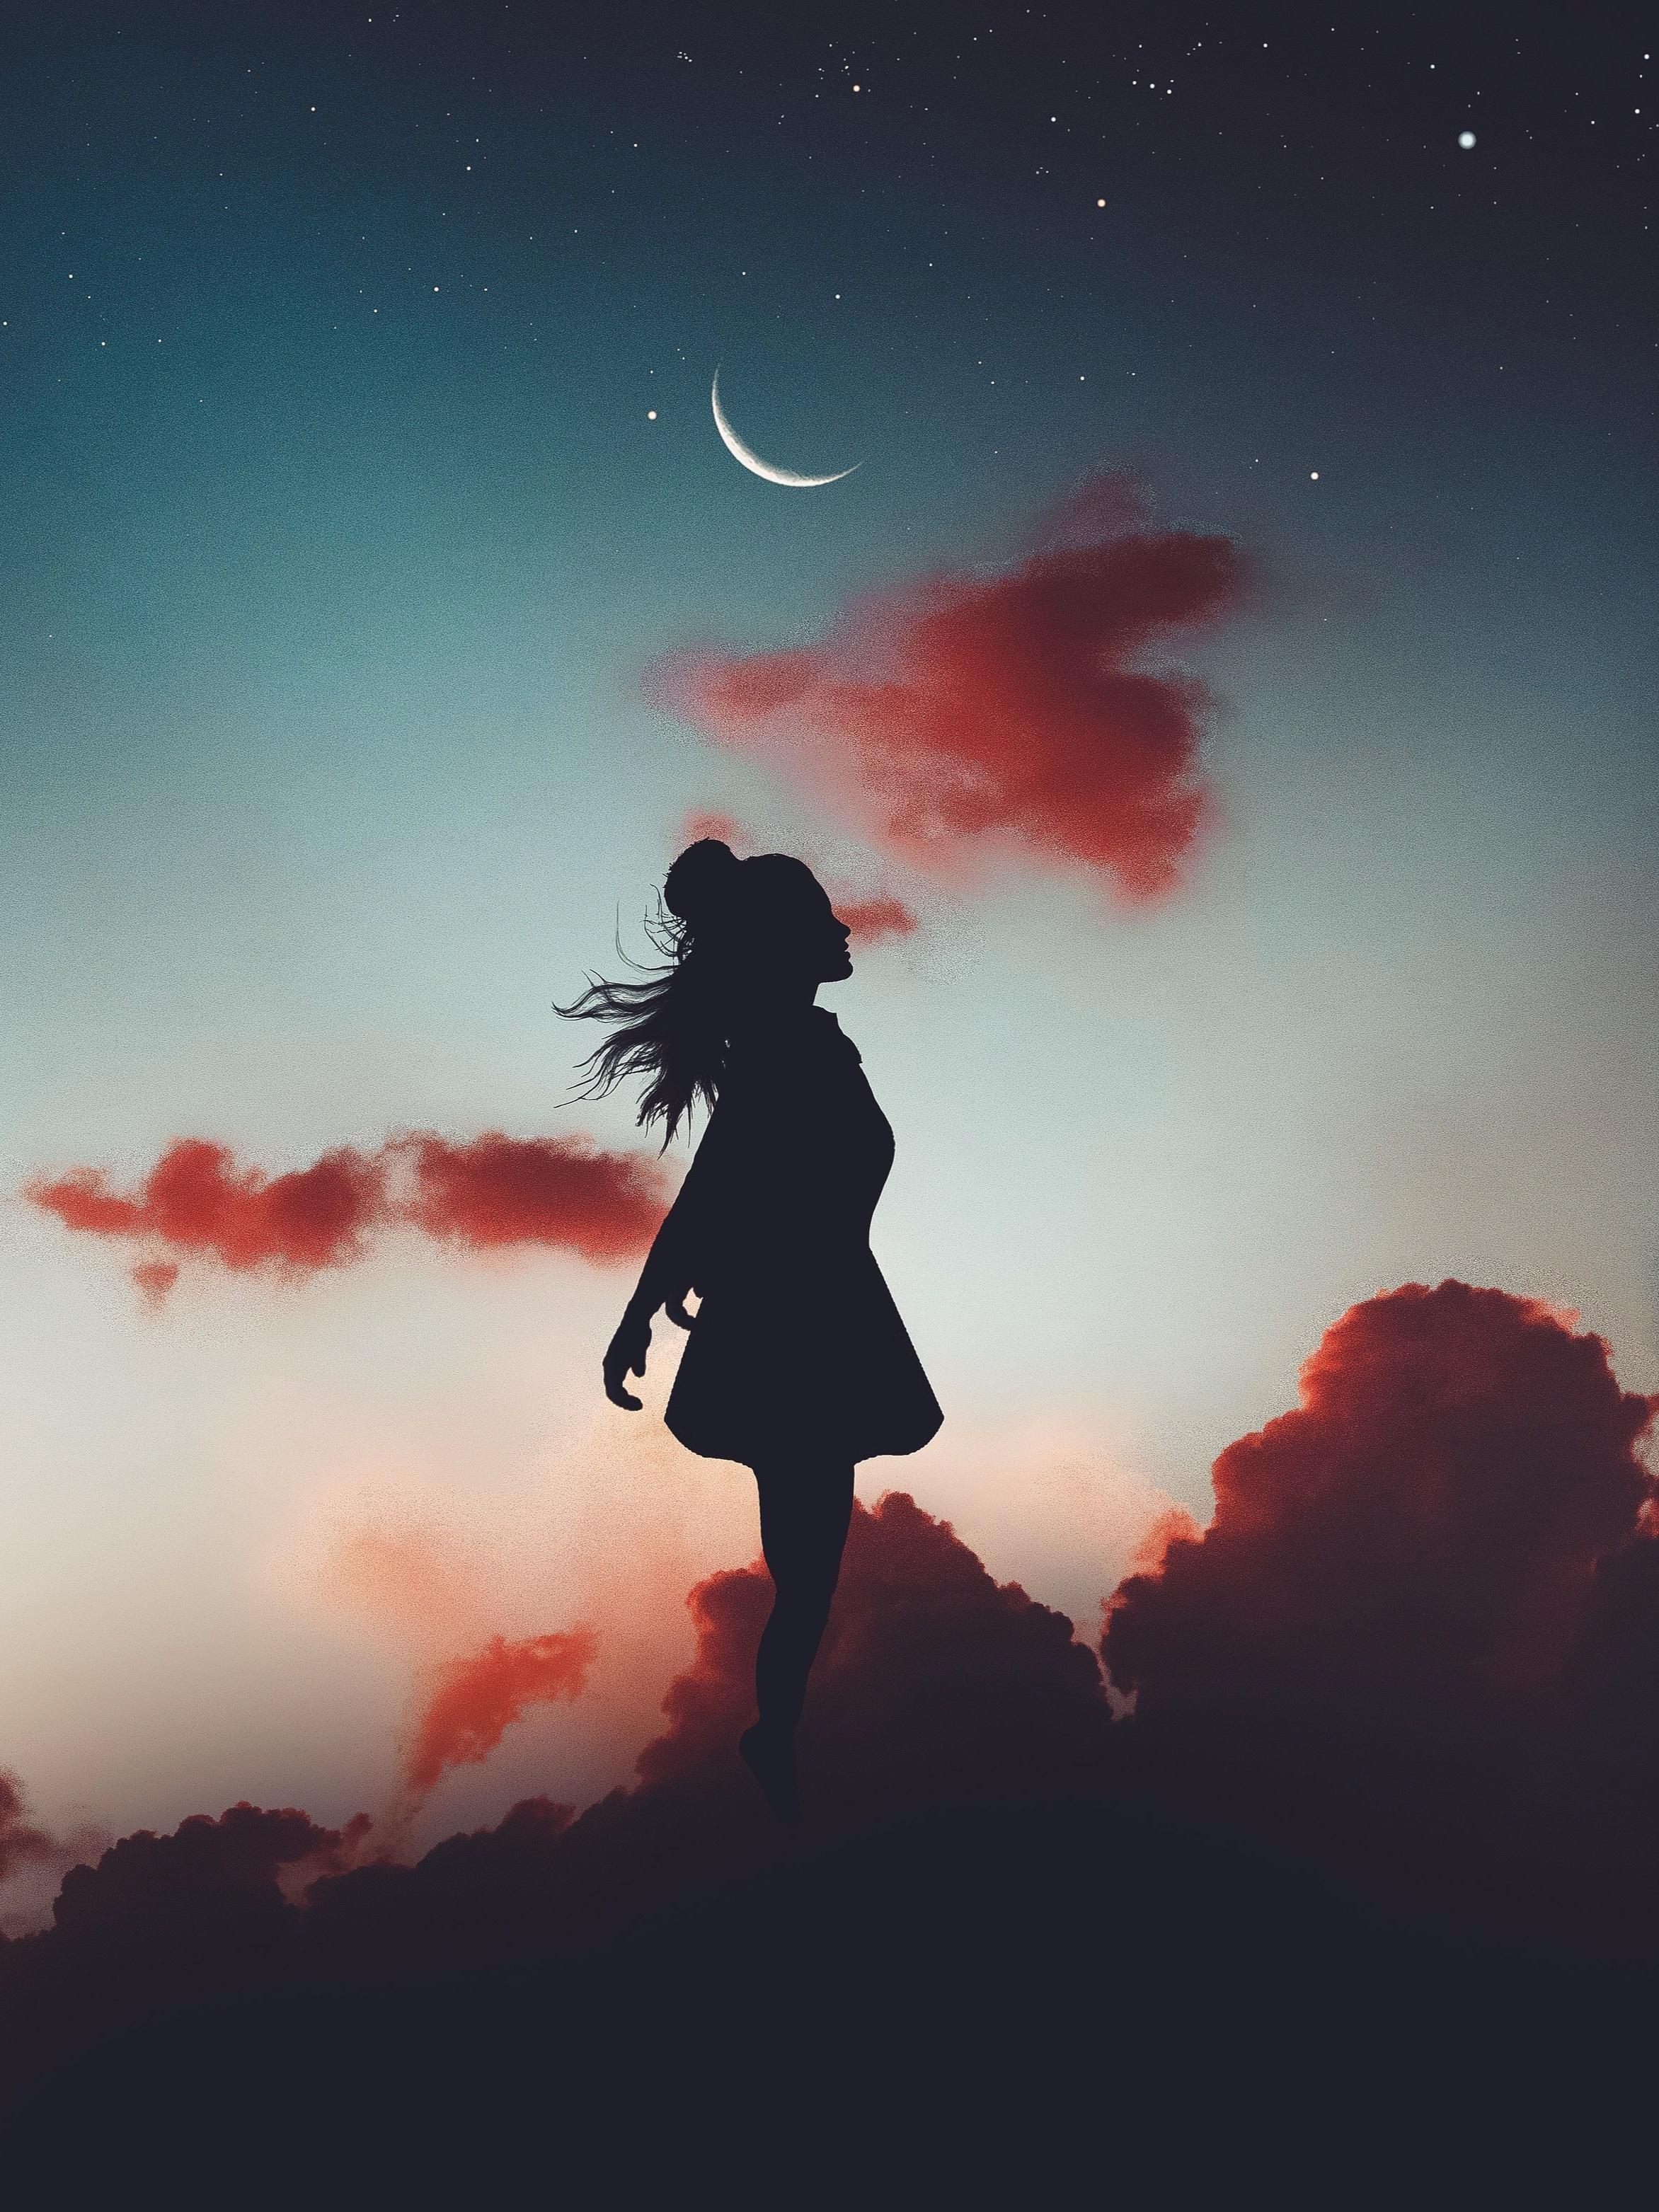 dream-clouds-night.jpg